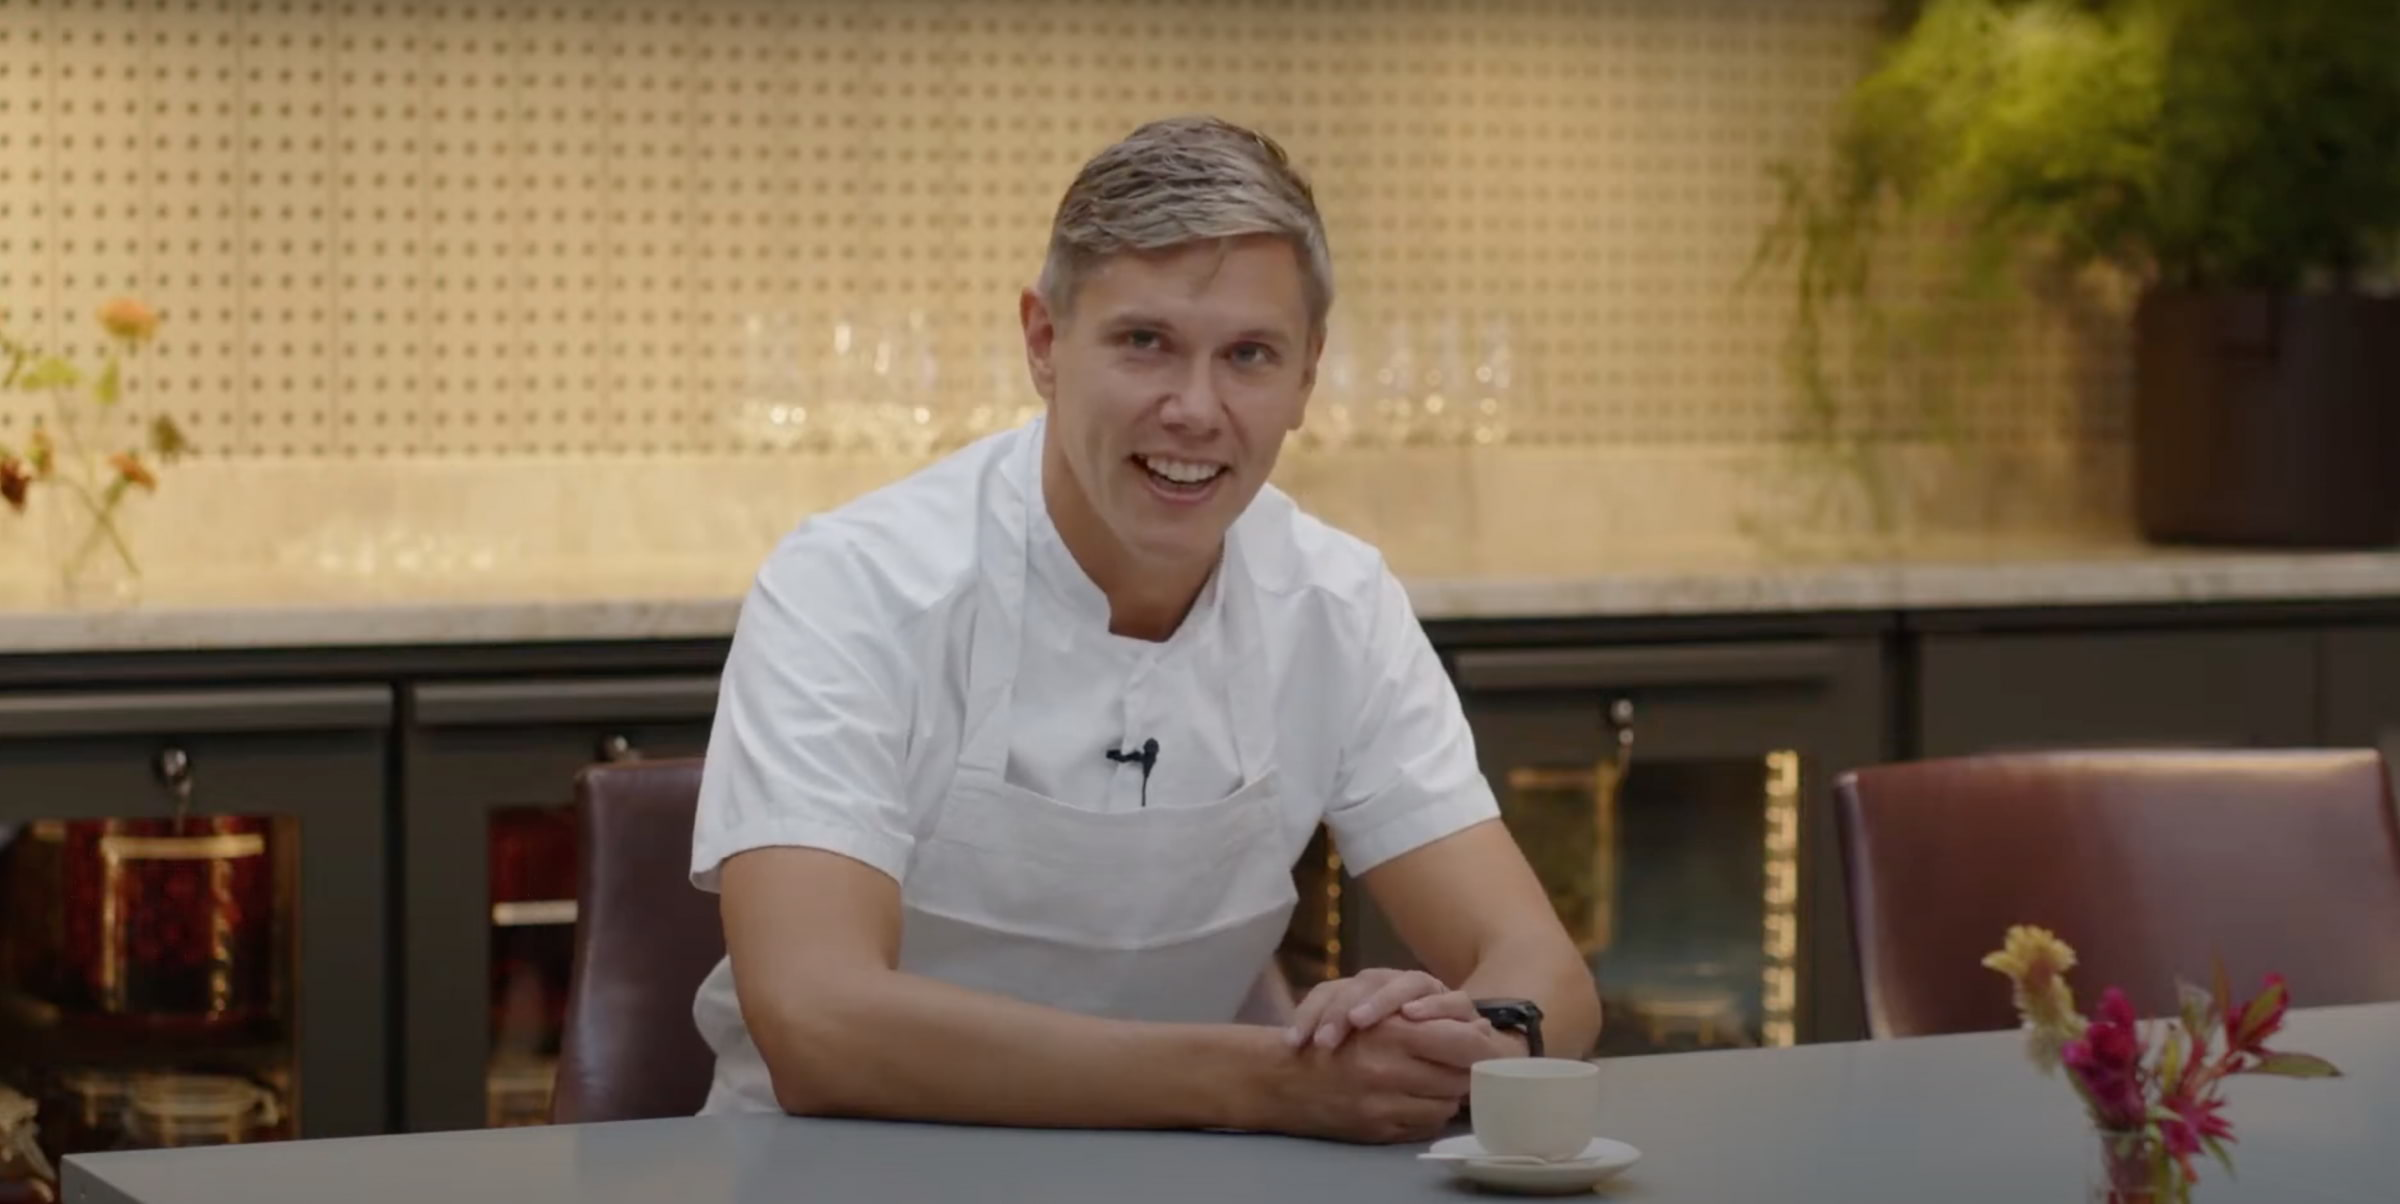 Tommy Myllymäki, Aira, i Michelinguidens Youtube-kanal